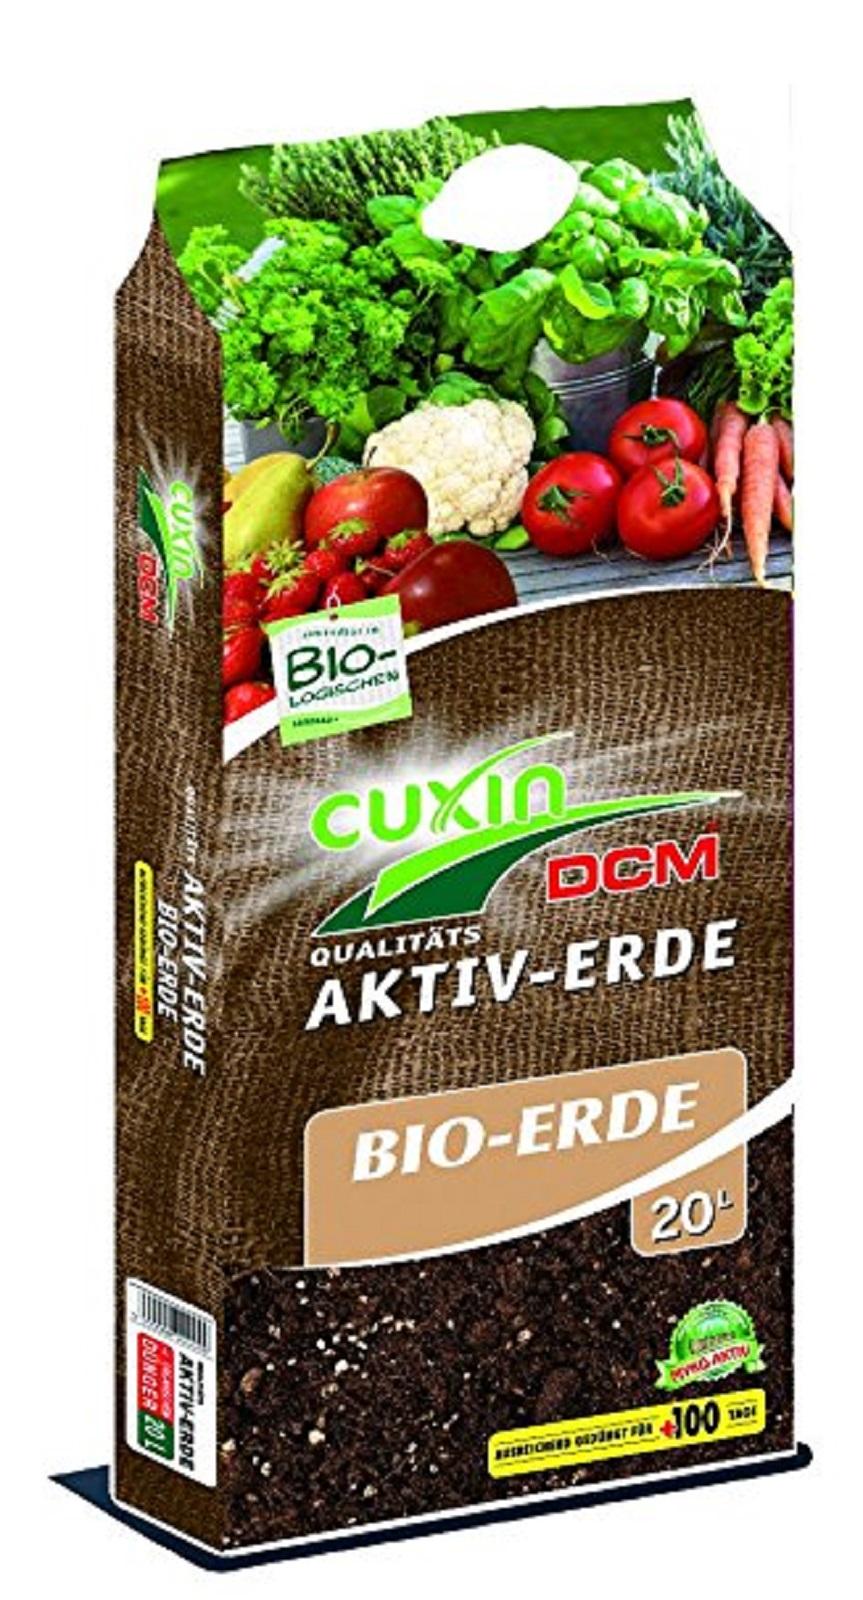 CUXIN DCM AKTIV-ERDE BIO-ERDE 20 l  für Gemüse Obst Kräutern Pflanzen